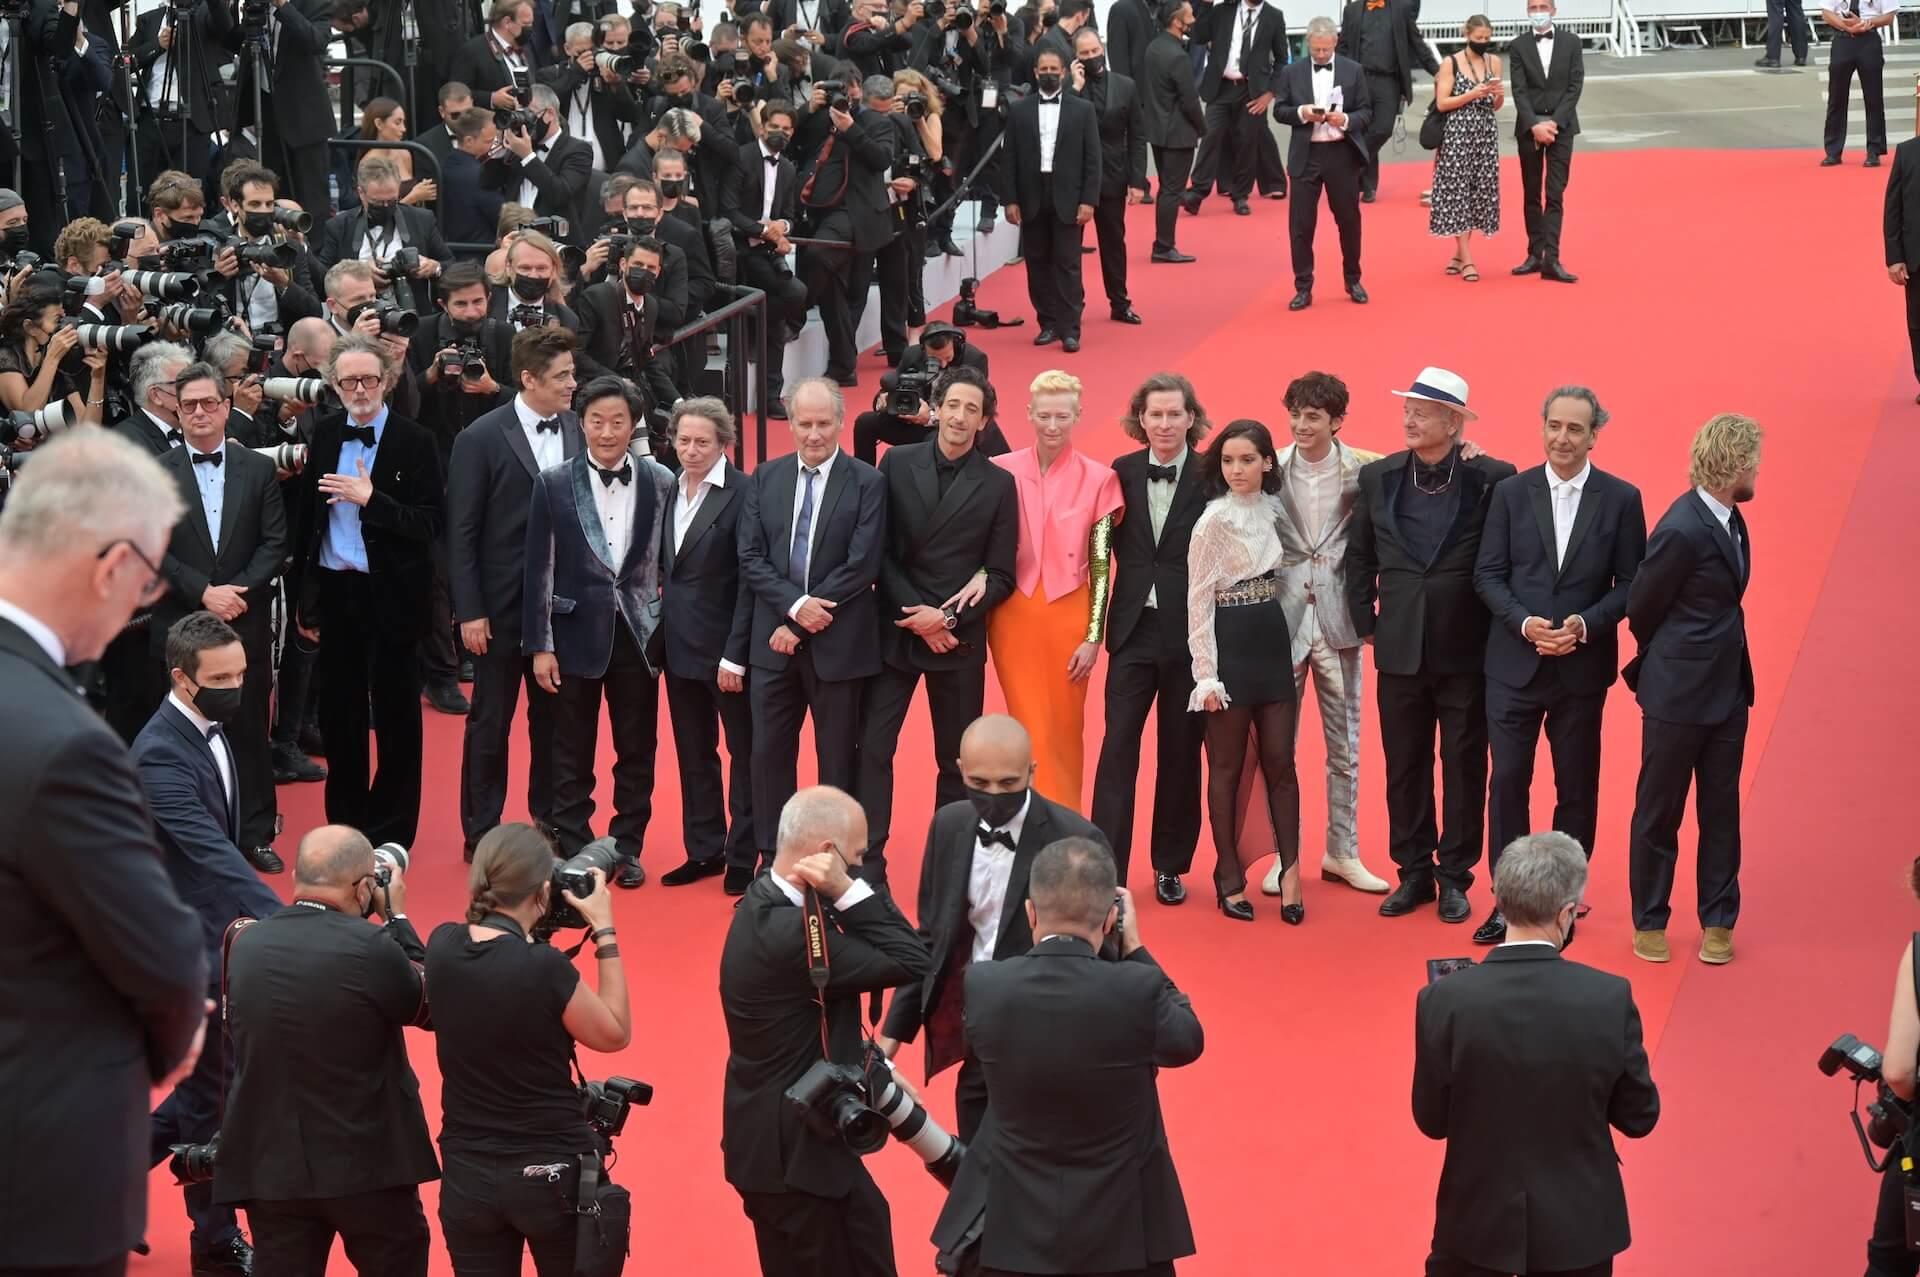 ウェス・アンダーソン監督最新作『フレンチ・ディスパッチ』がカンヌ国際映画祭・コンペティション部門正式出品!ティモシー・シャラメらも集うレッド・カーペットの写真が公開 film210713_thefrenchdispatch_14